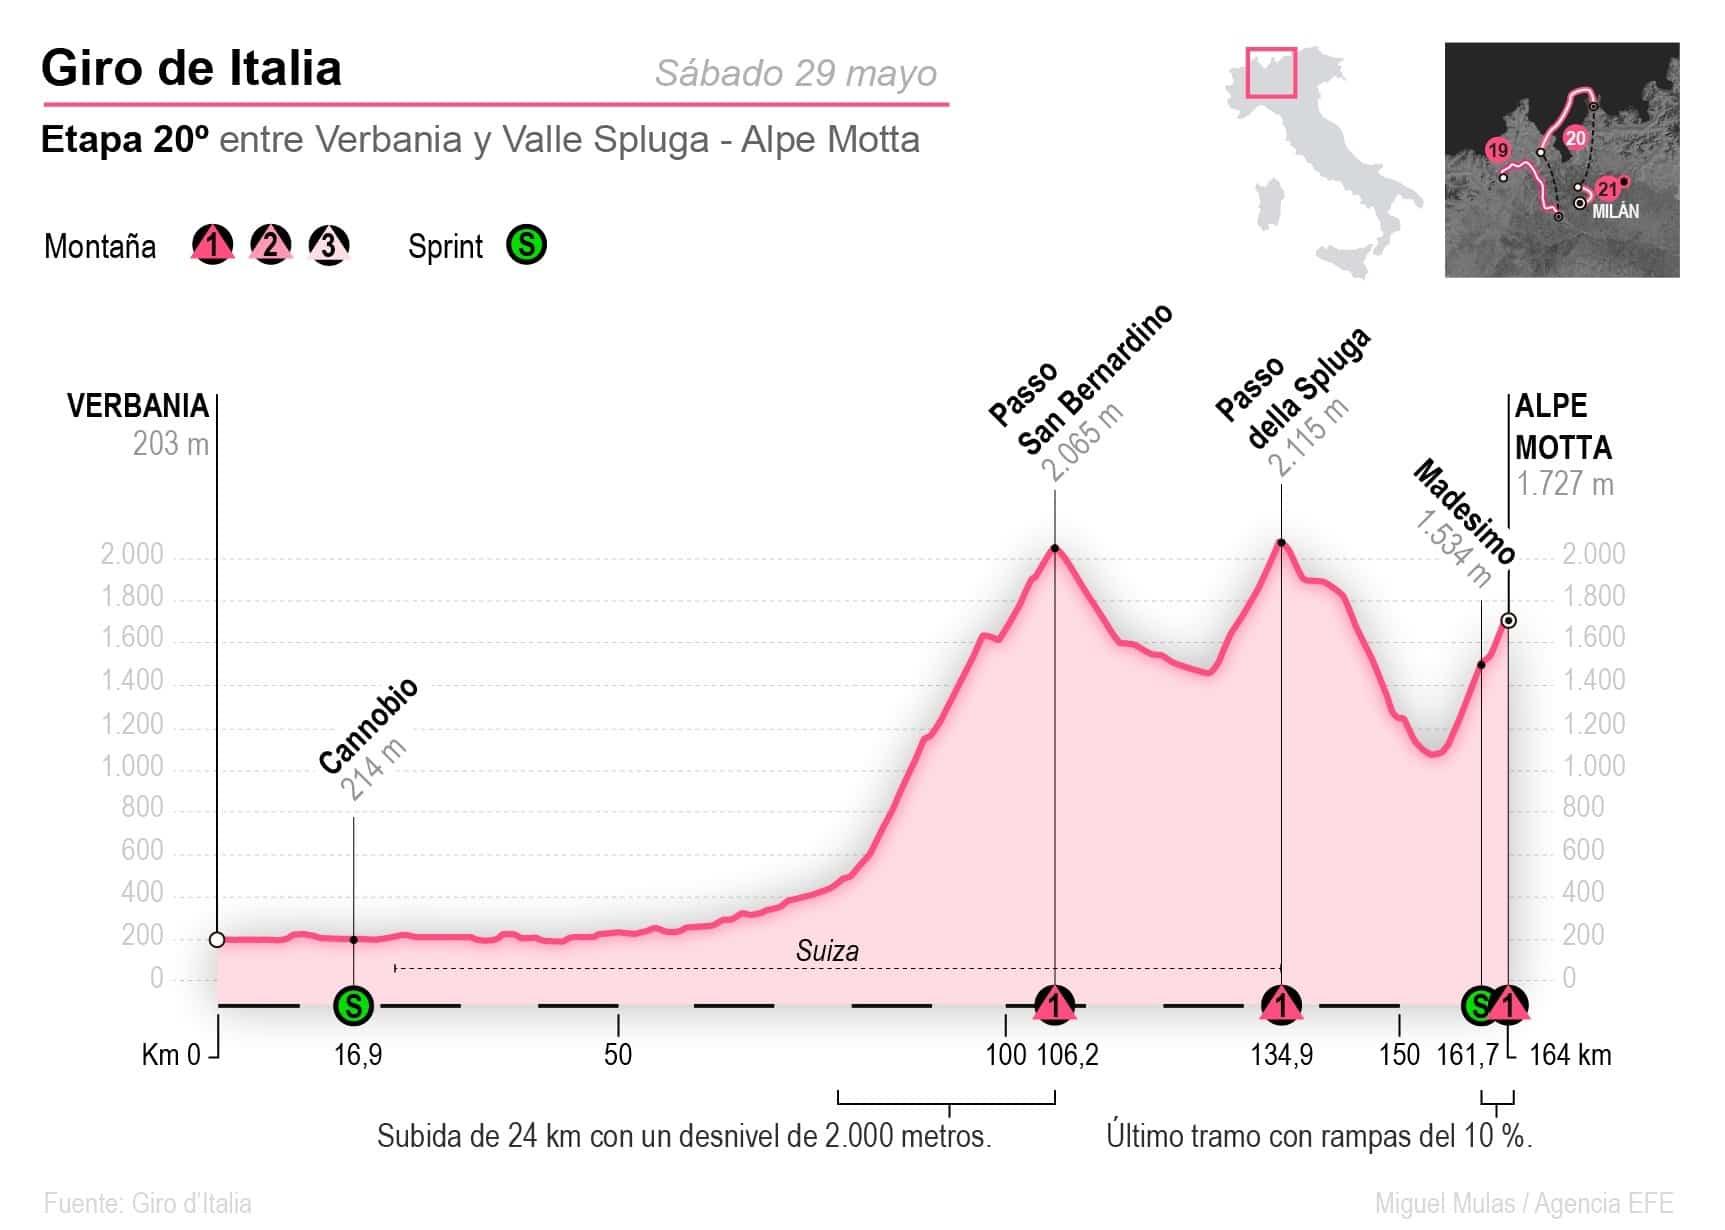 [Infografía] - Perfil de la etapa 20 de la vuelta italiana entre Verbania y Valle Spluga - Alpe Motta 1